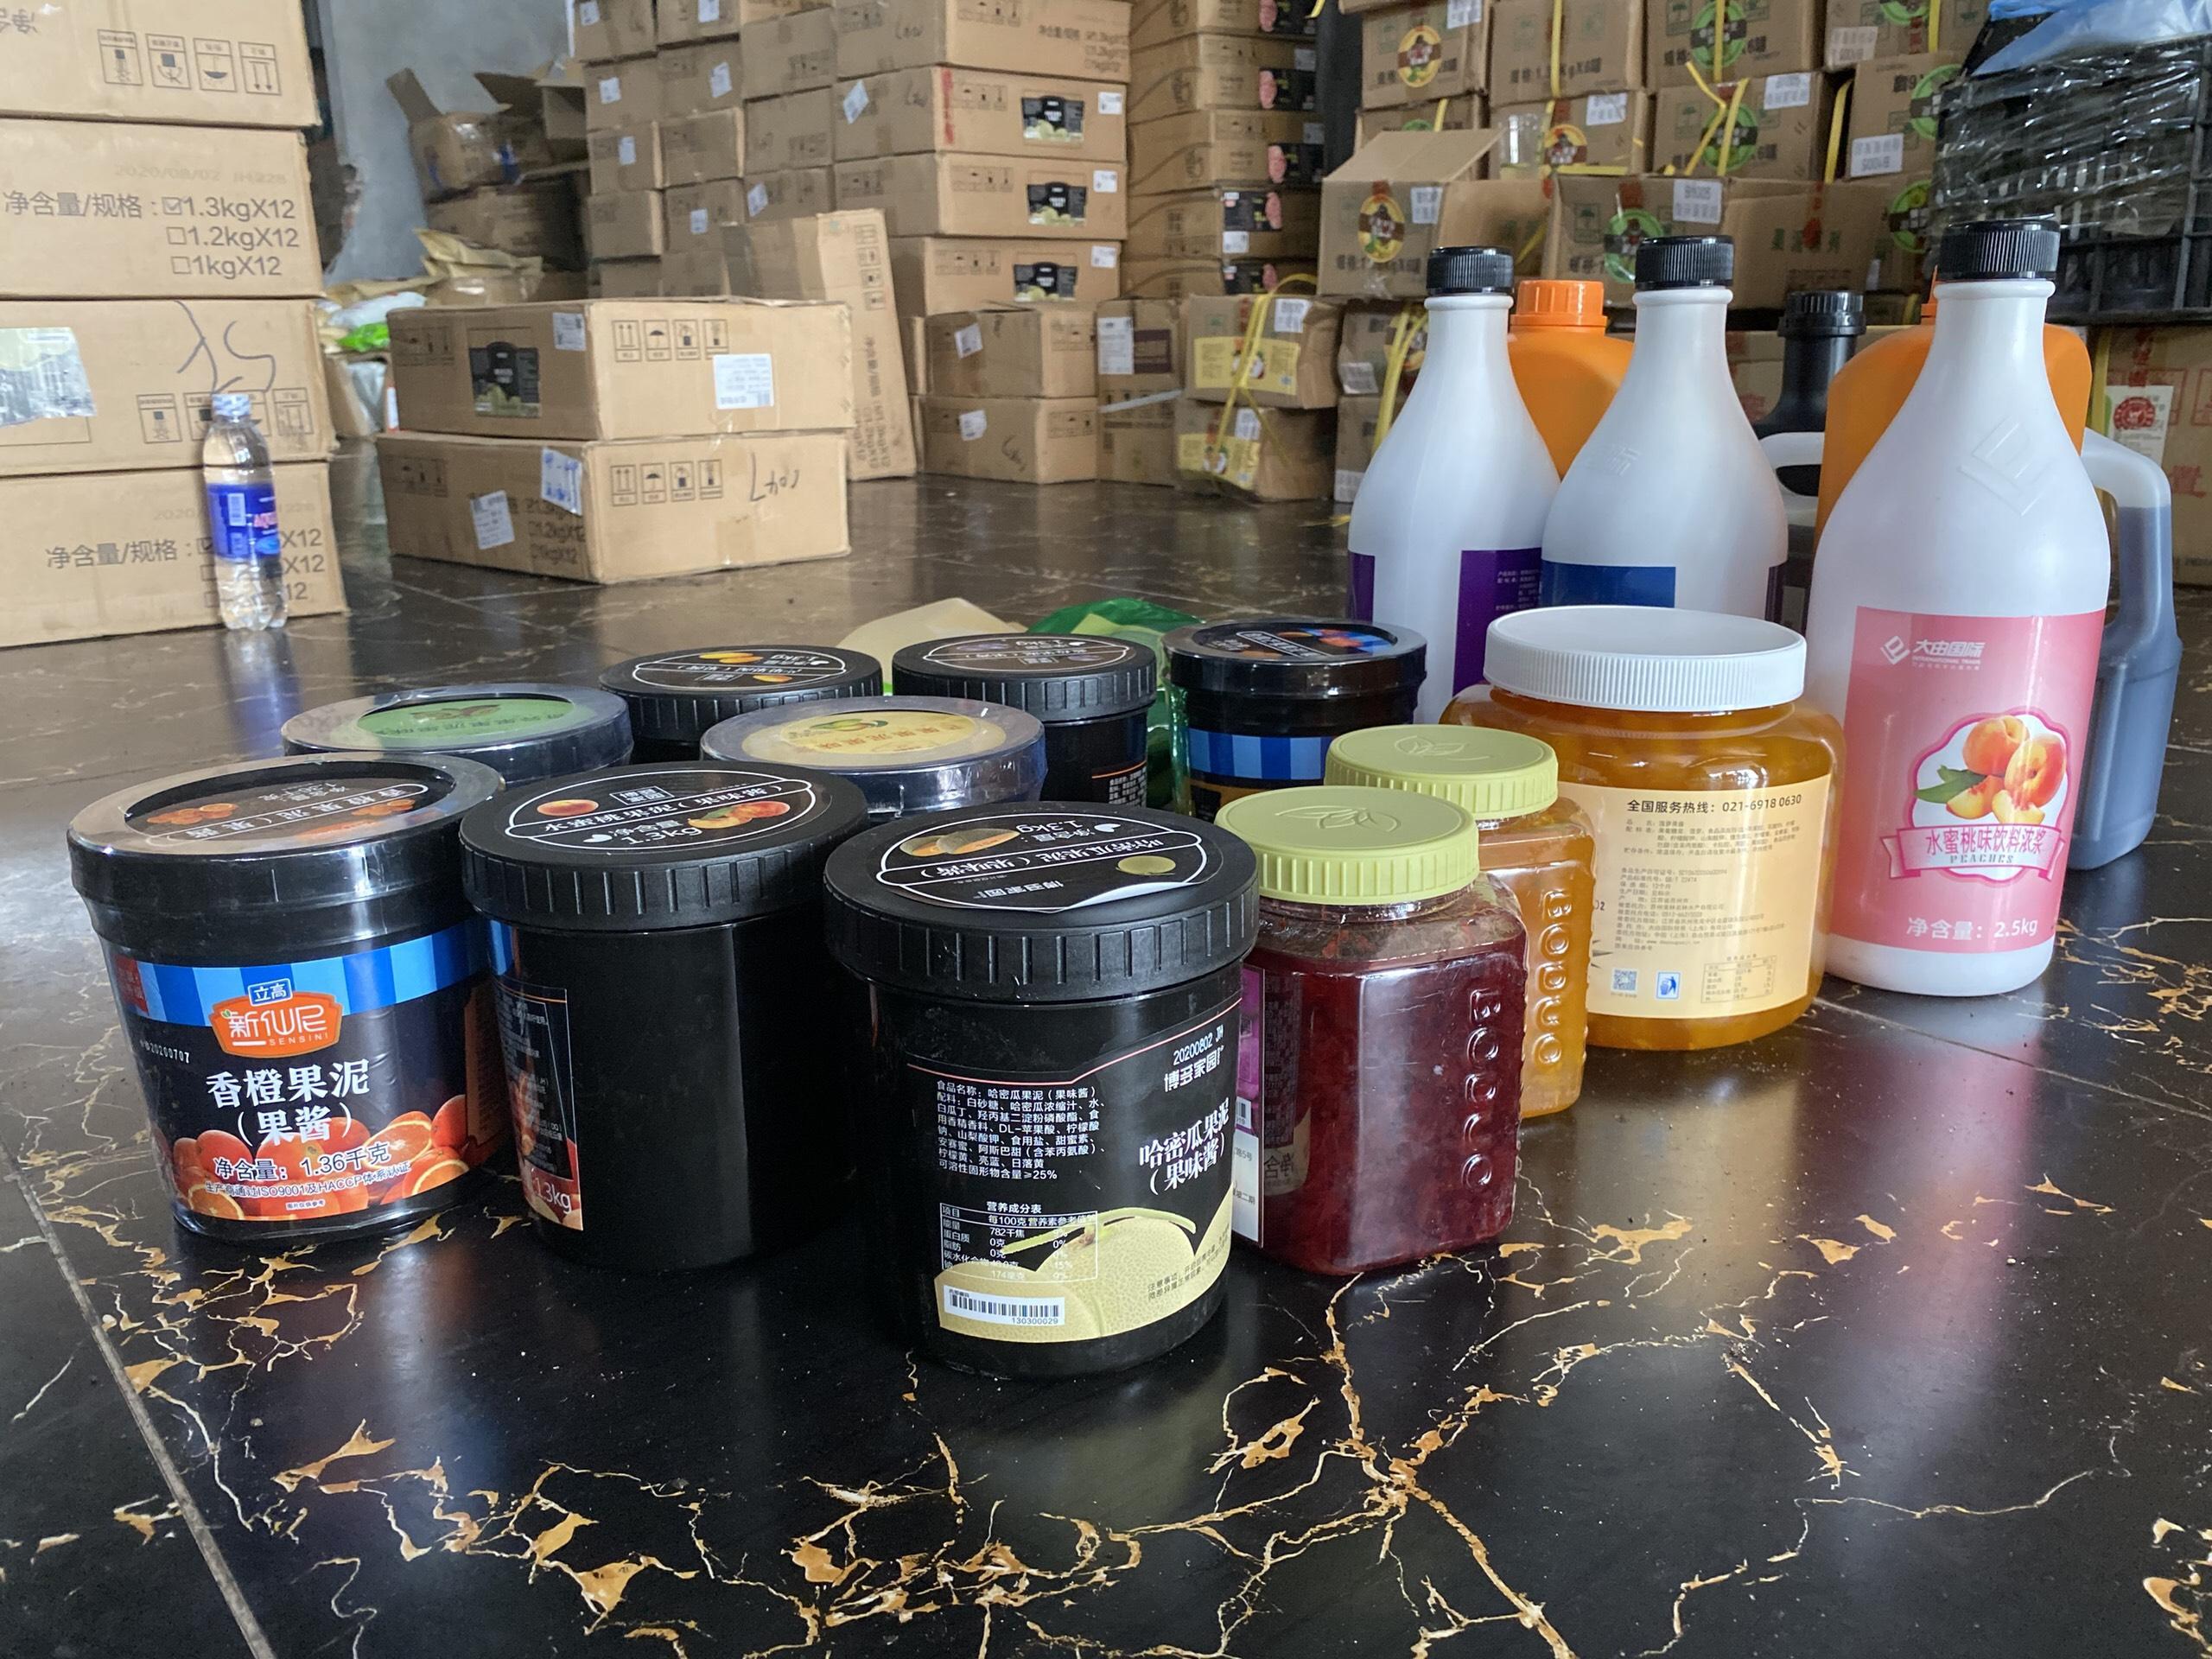 Liên tiếp phát hiện hàng nghìn sản phẩm trà sữa và nguyên liệu ngoại nhập không rõ nguồn gốc tại Hà Nội